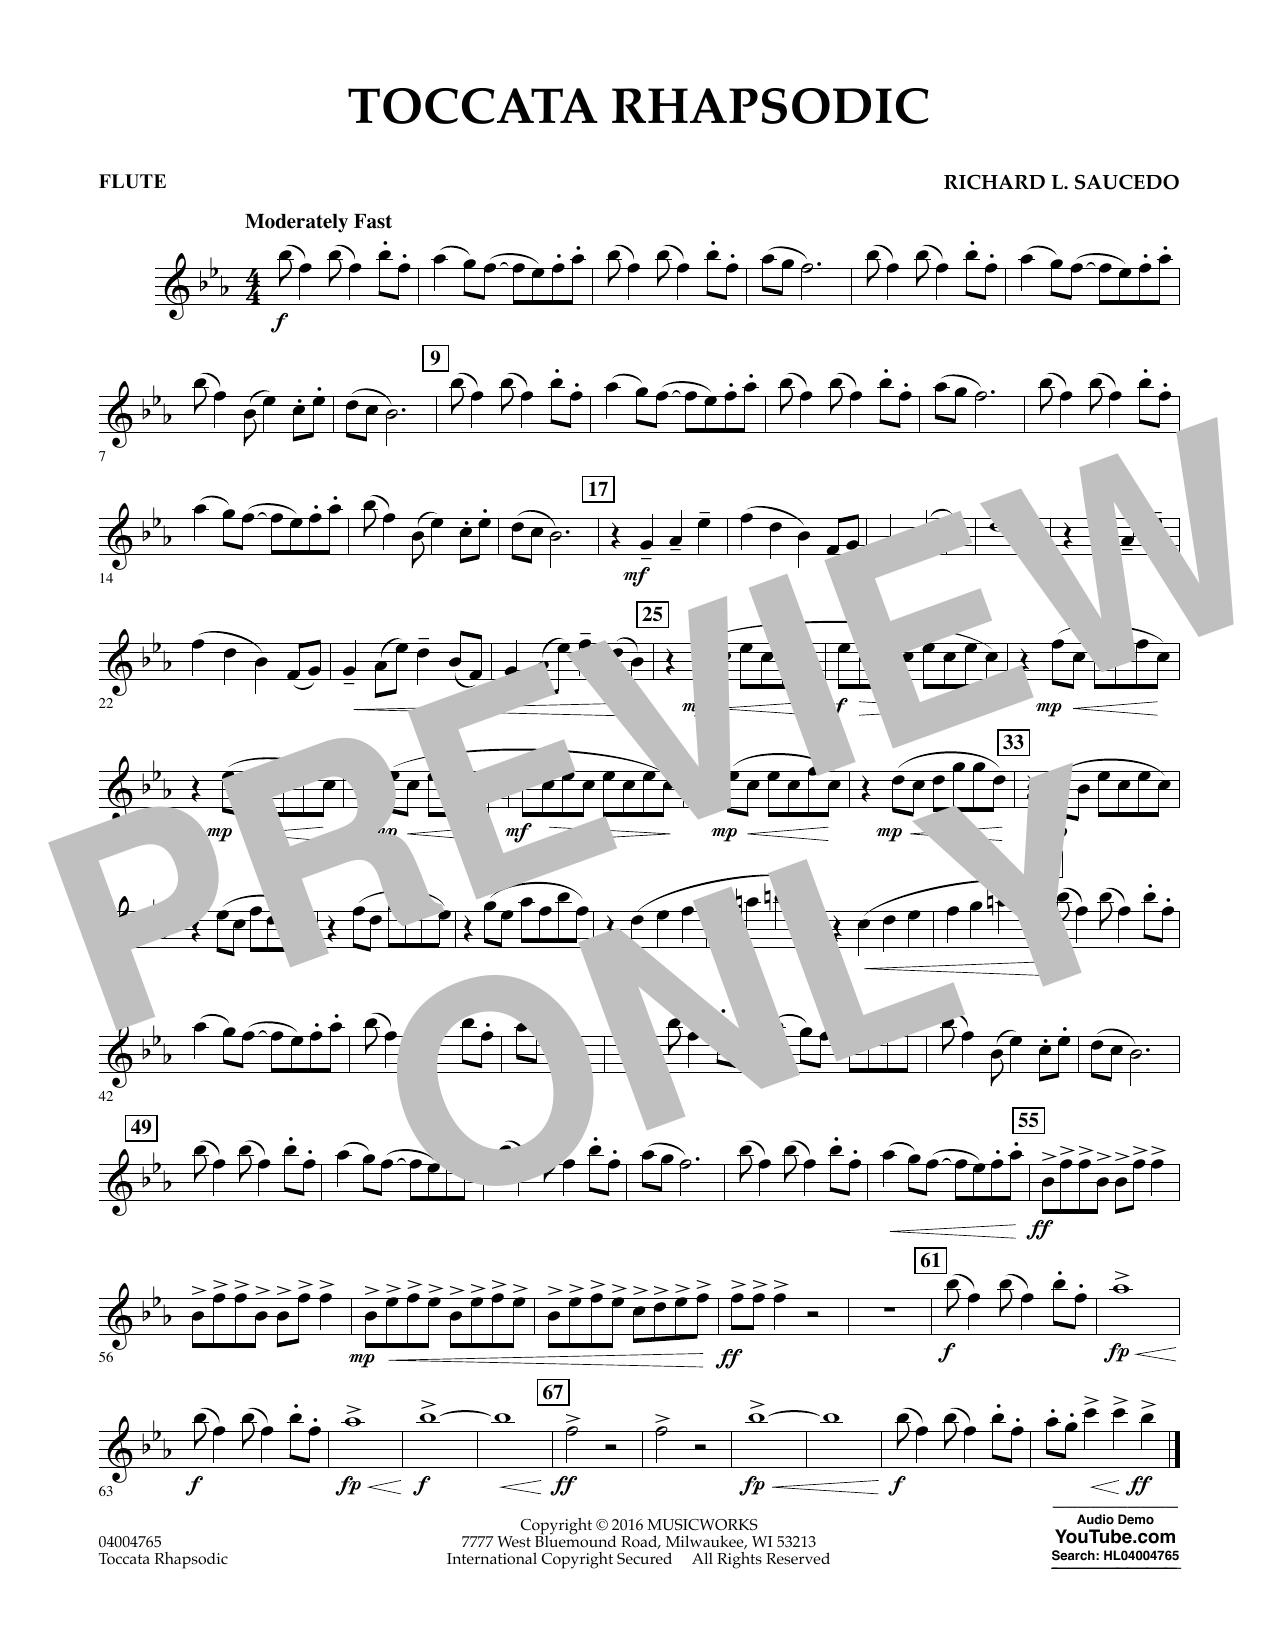 Toccata Rhapsodic - Flute